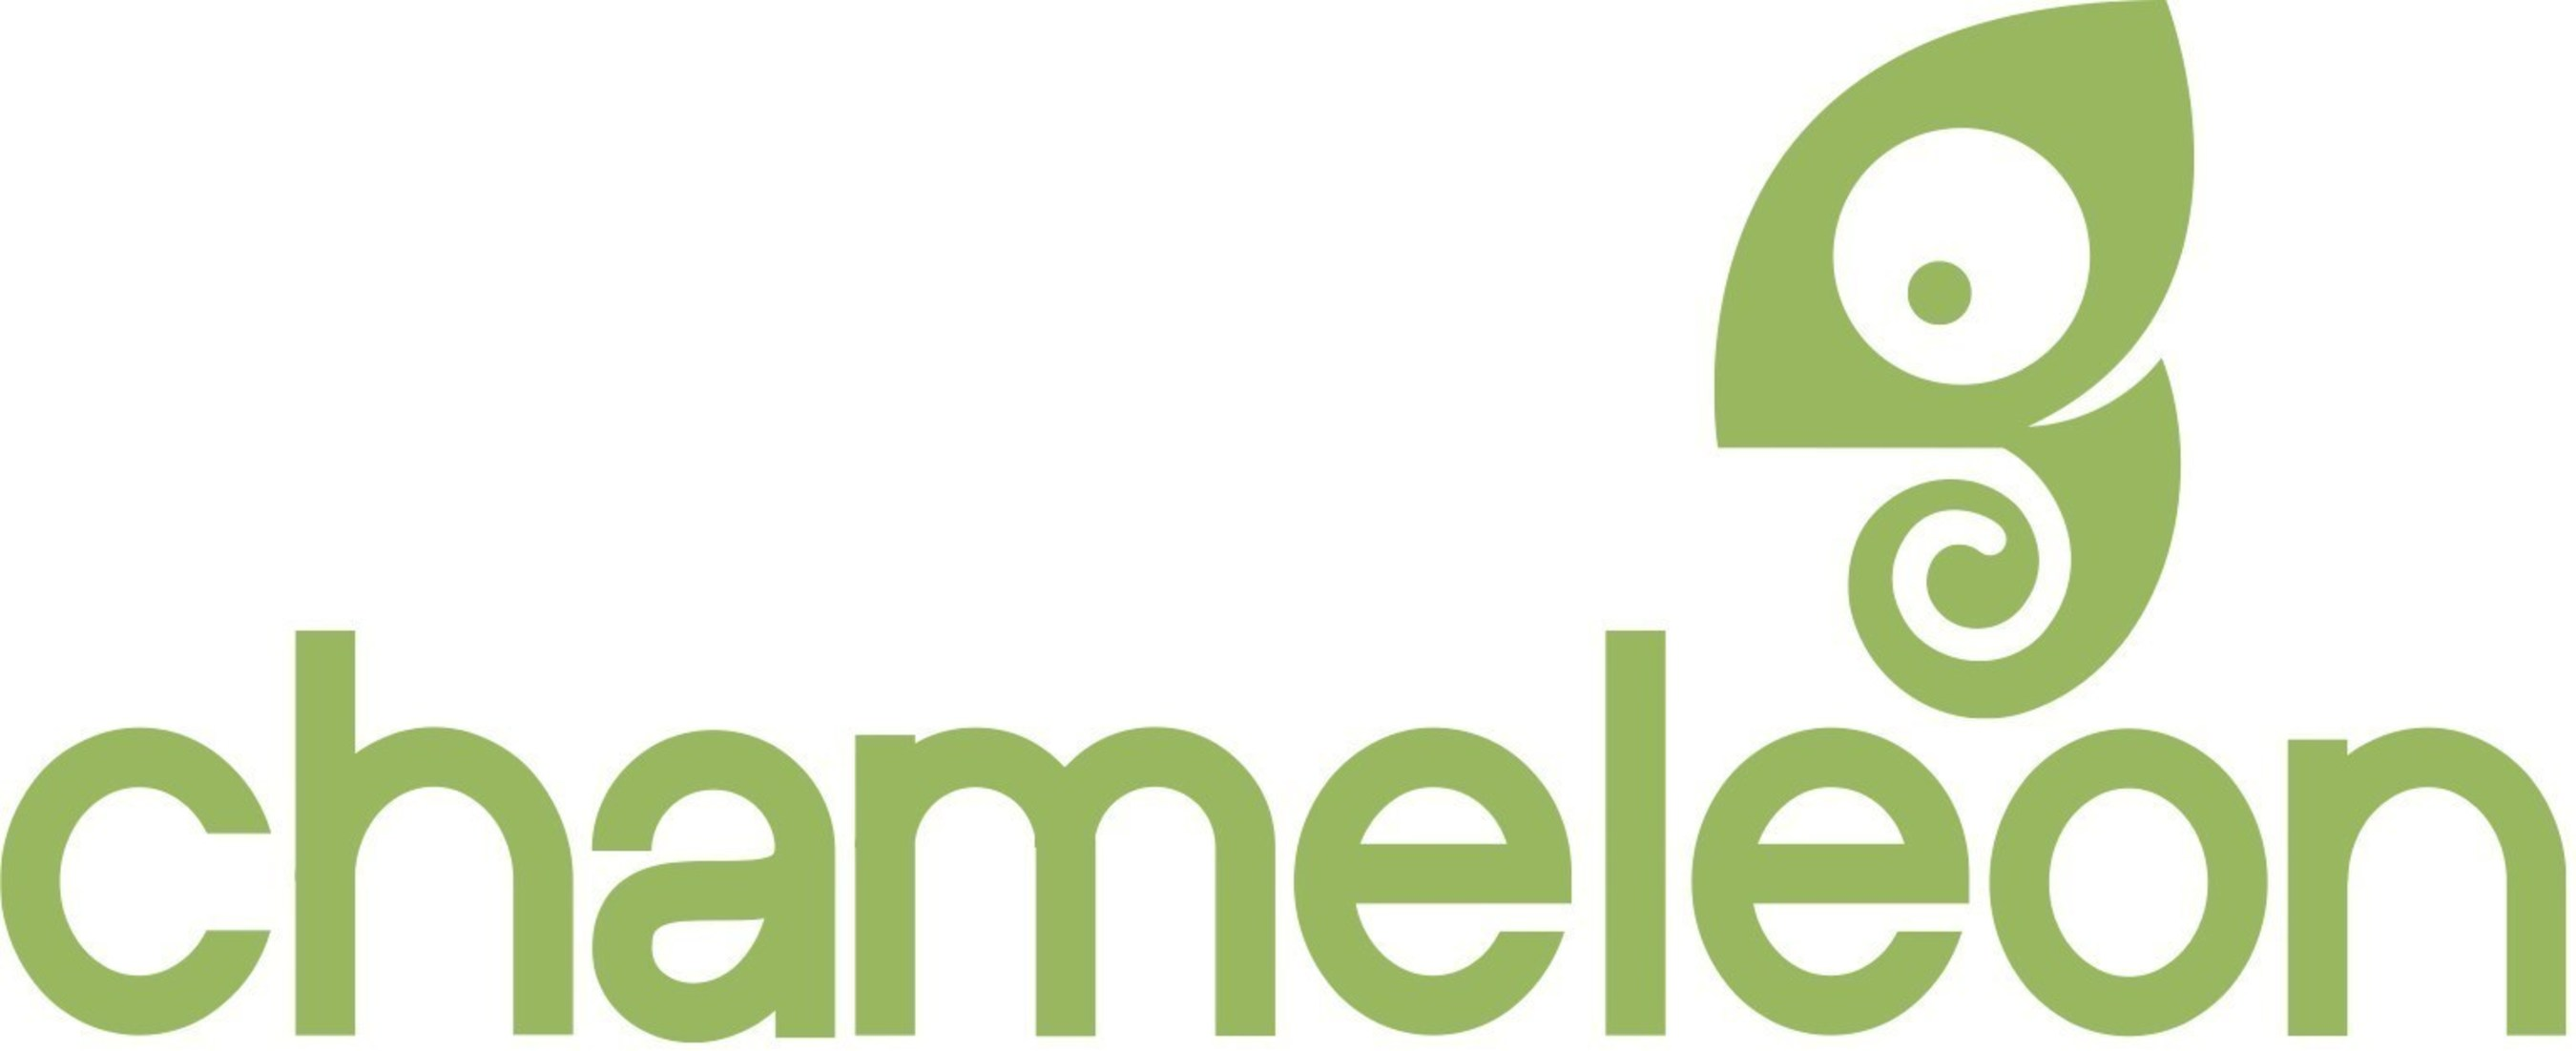 Chameleon - Better user onboarding.